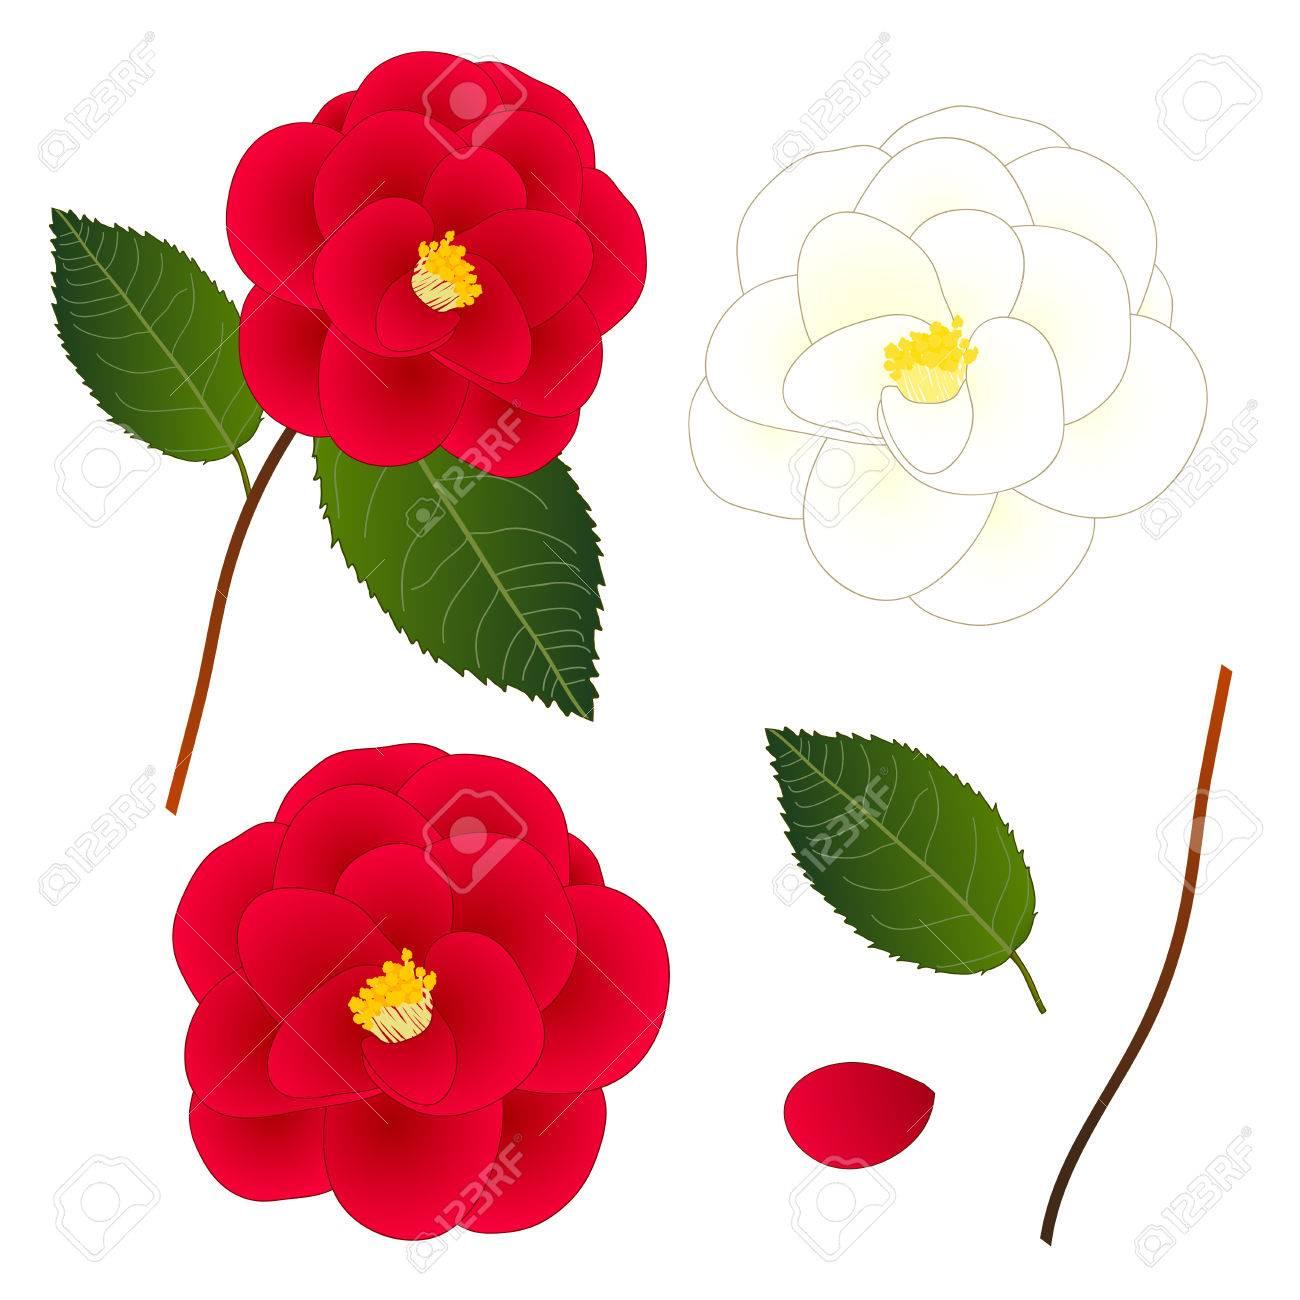 白と赤の椿の花白背景に分離されましたベクトルの図のイラスト素材